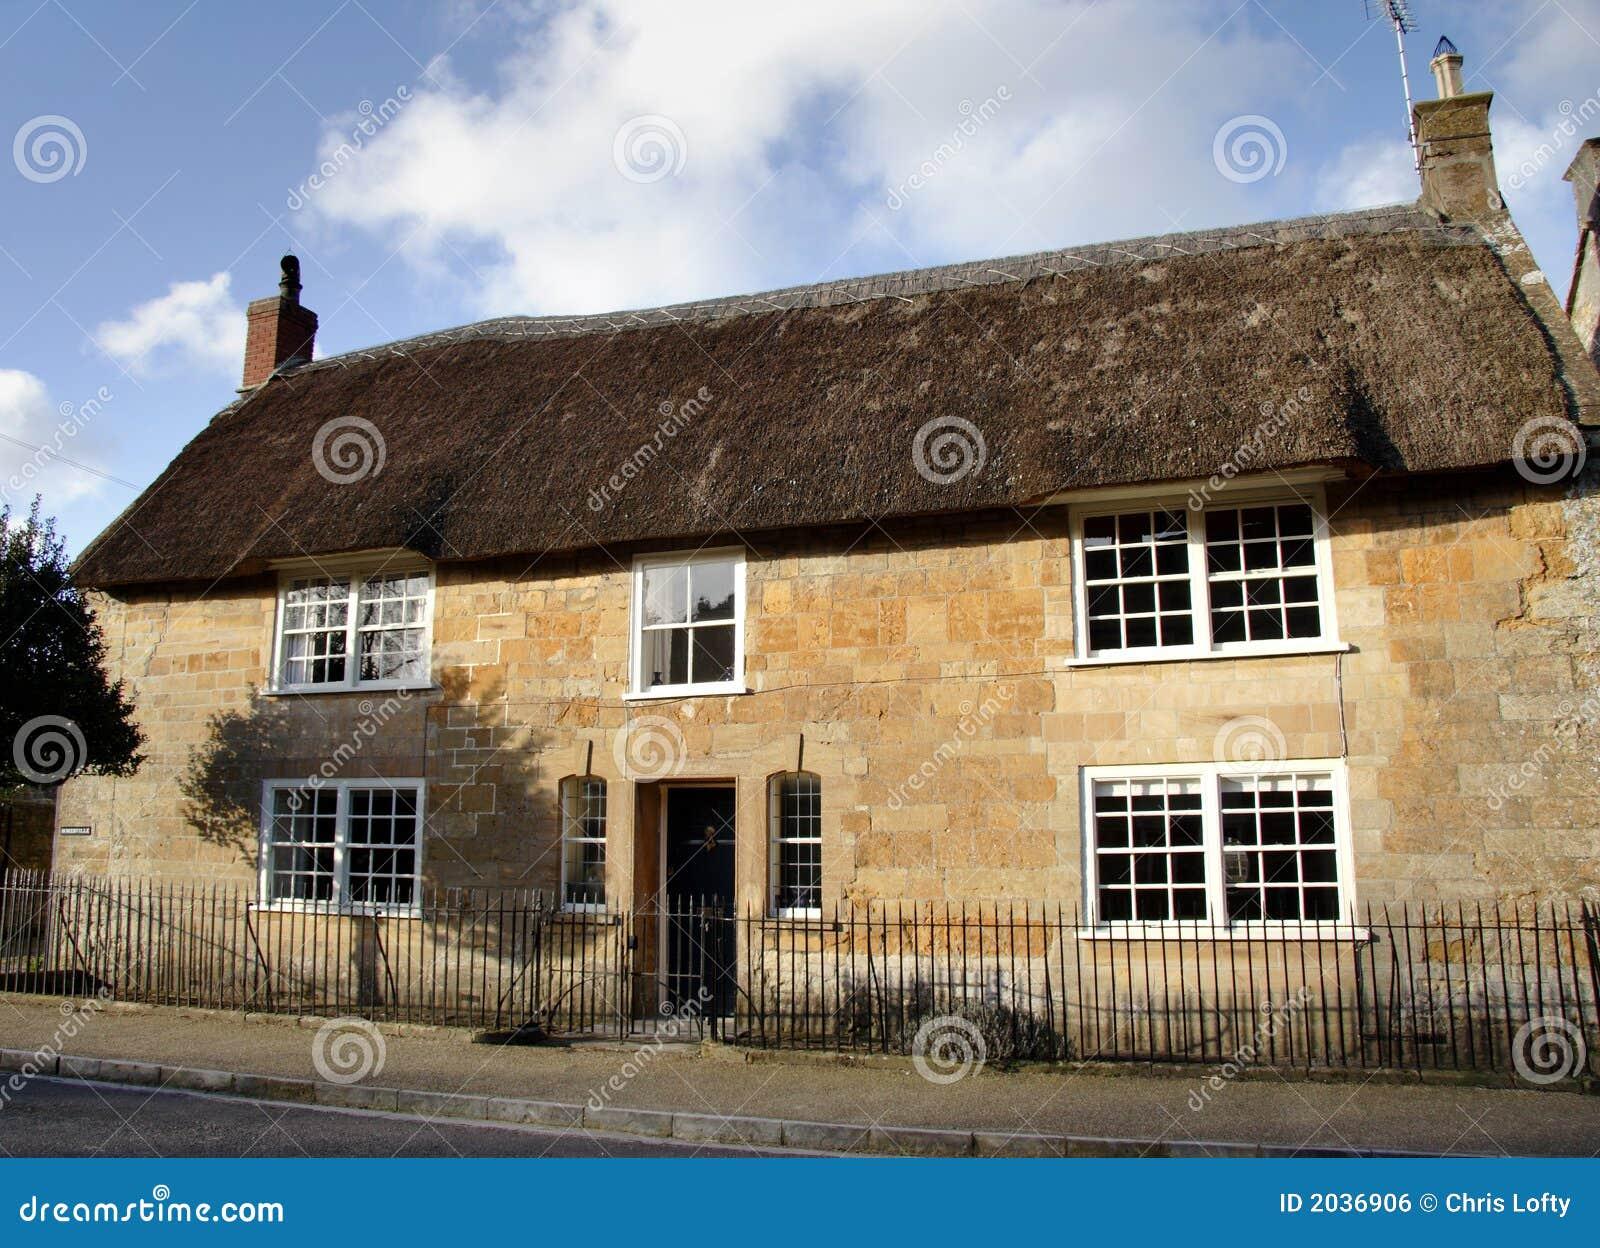 Het met stro bedekte huis van het dorp stock foto afbeelding 2036906 - Versier het huis ...